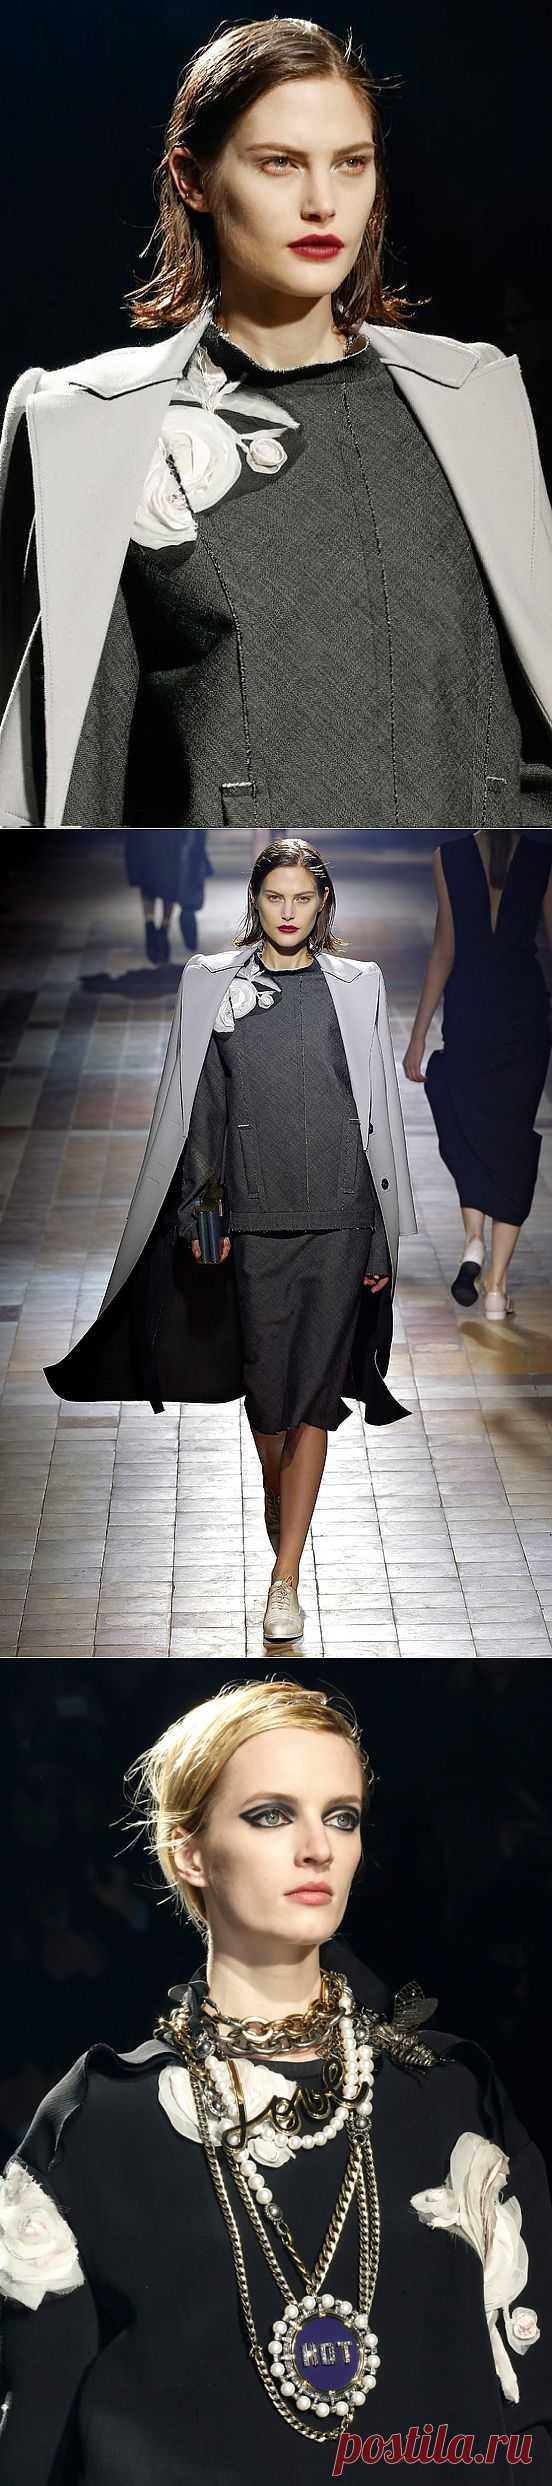 Розовый разрез / Декор / Модный сайт о стильной переделке одежды и интерьера